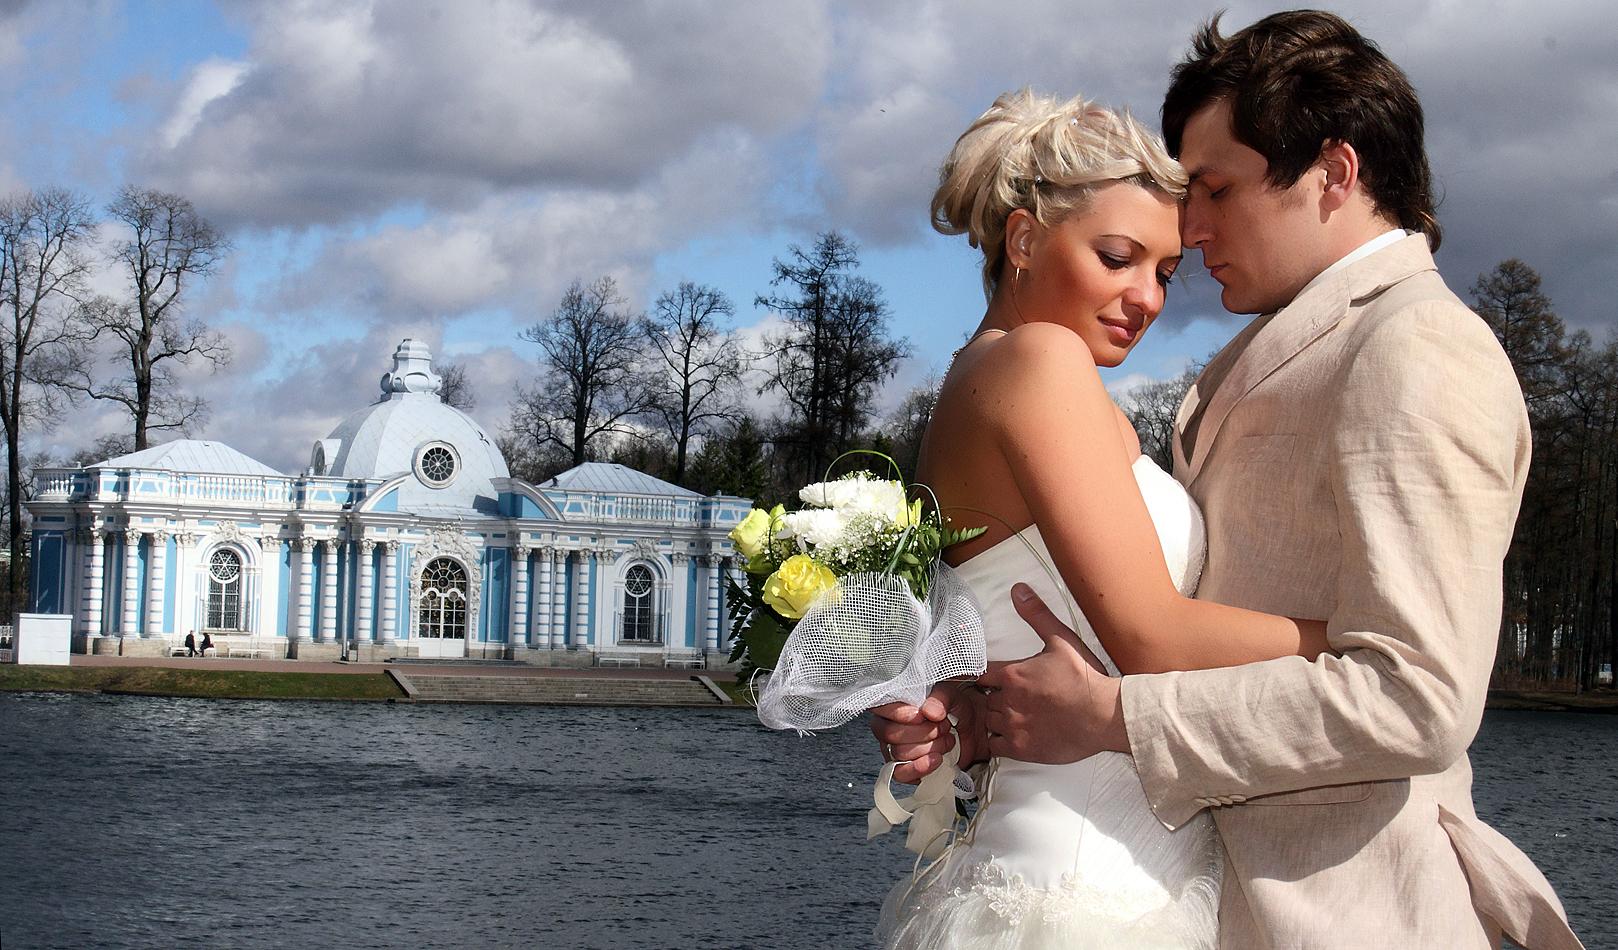 видео и фото на свадьбу г ярославль рыбинск с выездом первым тренером